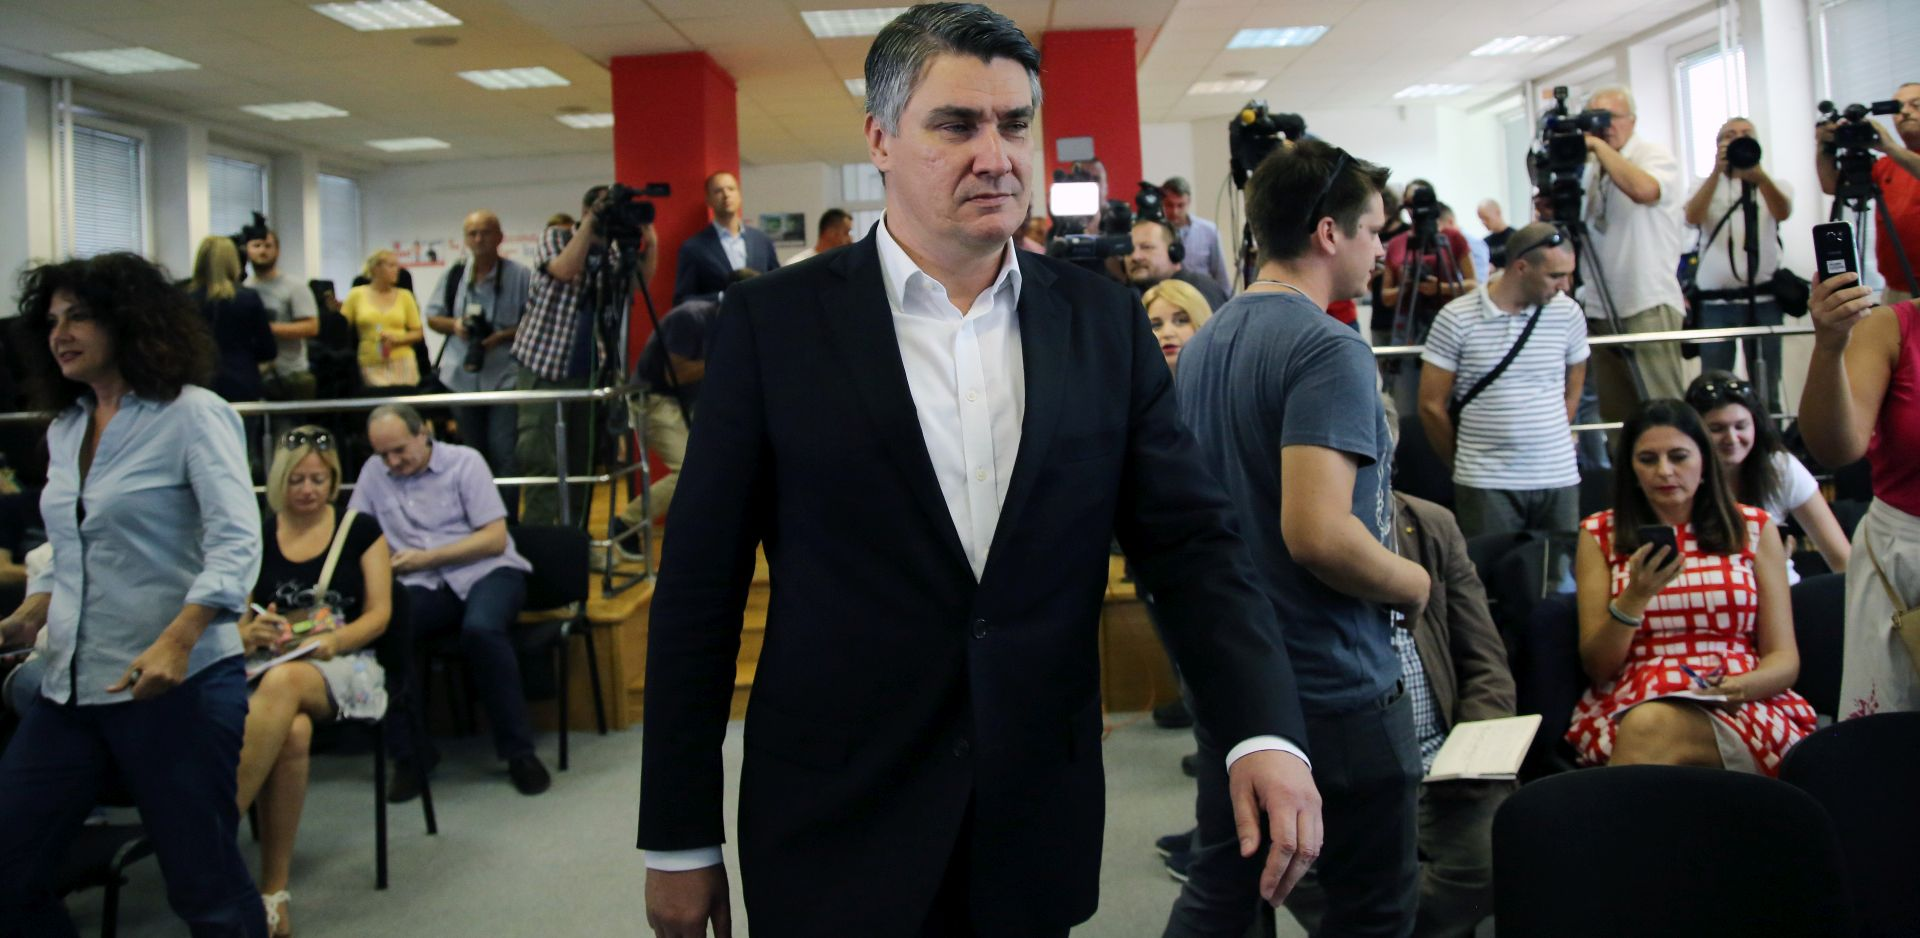 ZORAN MILANOVIĆ: 'Plenkoviću ću čestitati ako mi se ispriča za uvrede'